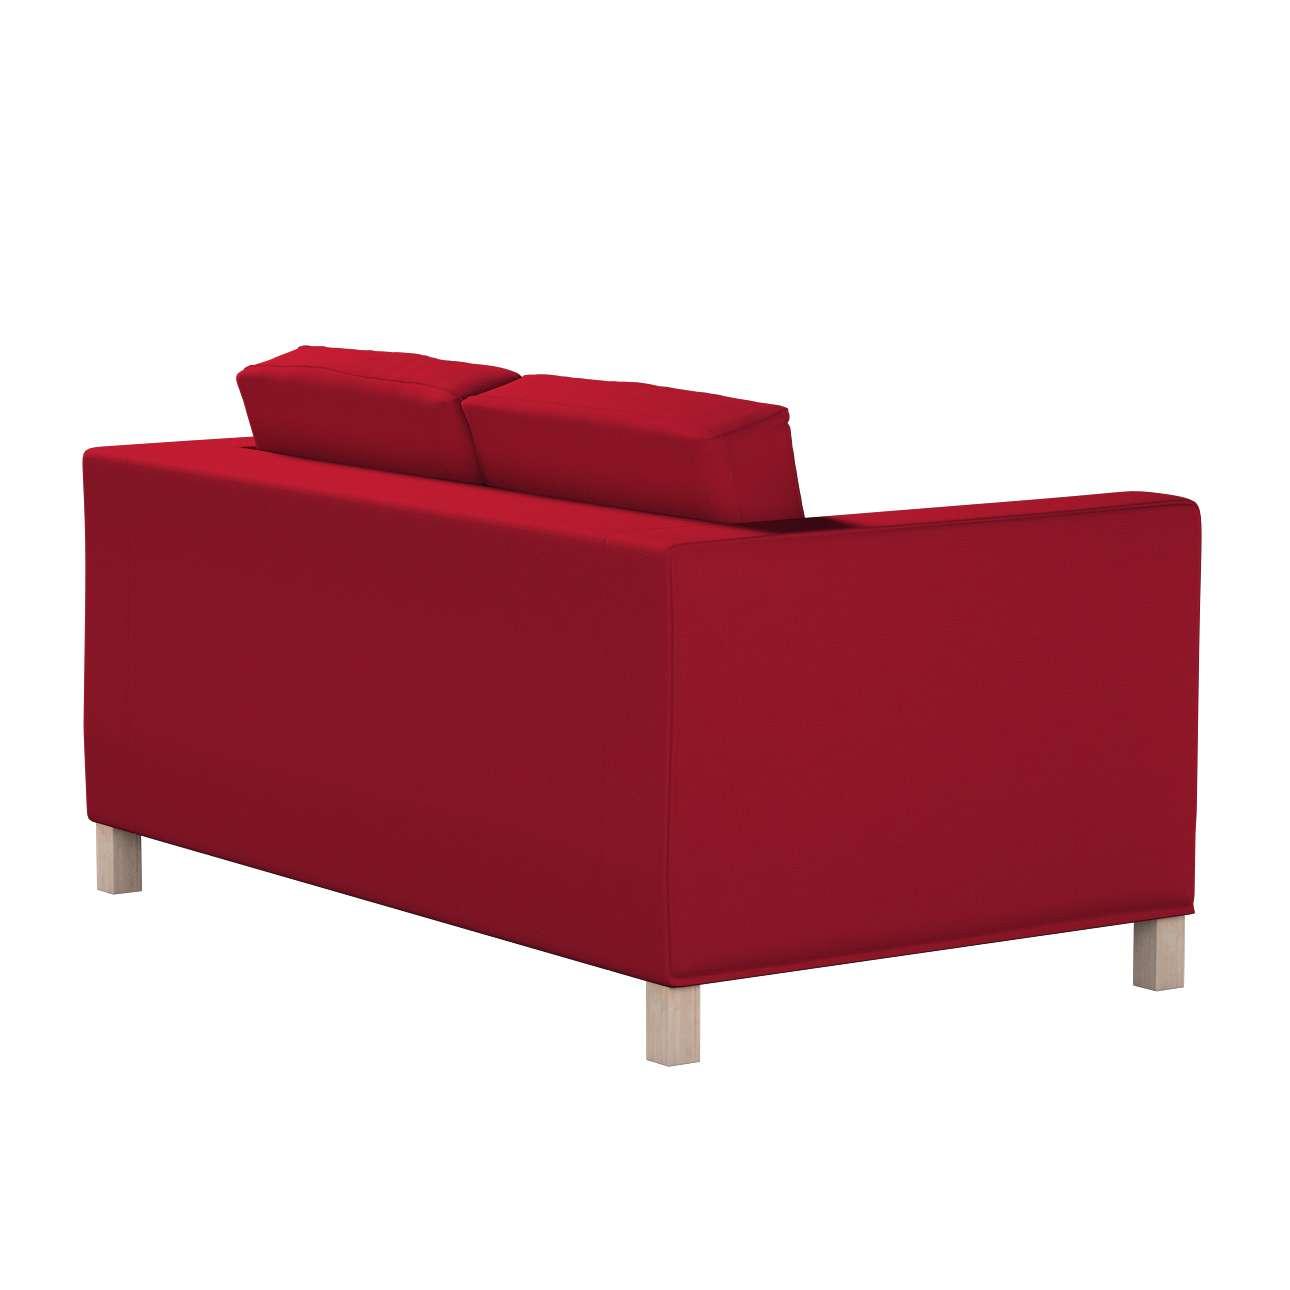 Pokrowiec na sofę Karlanda 2-osobową nierozkładaną, krótki w kolekcji Etna, tkanina: 705-60